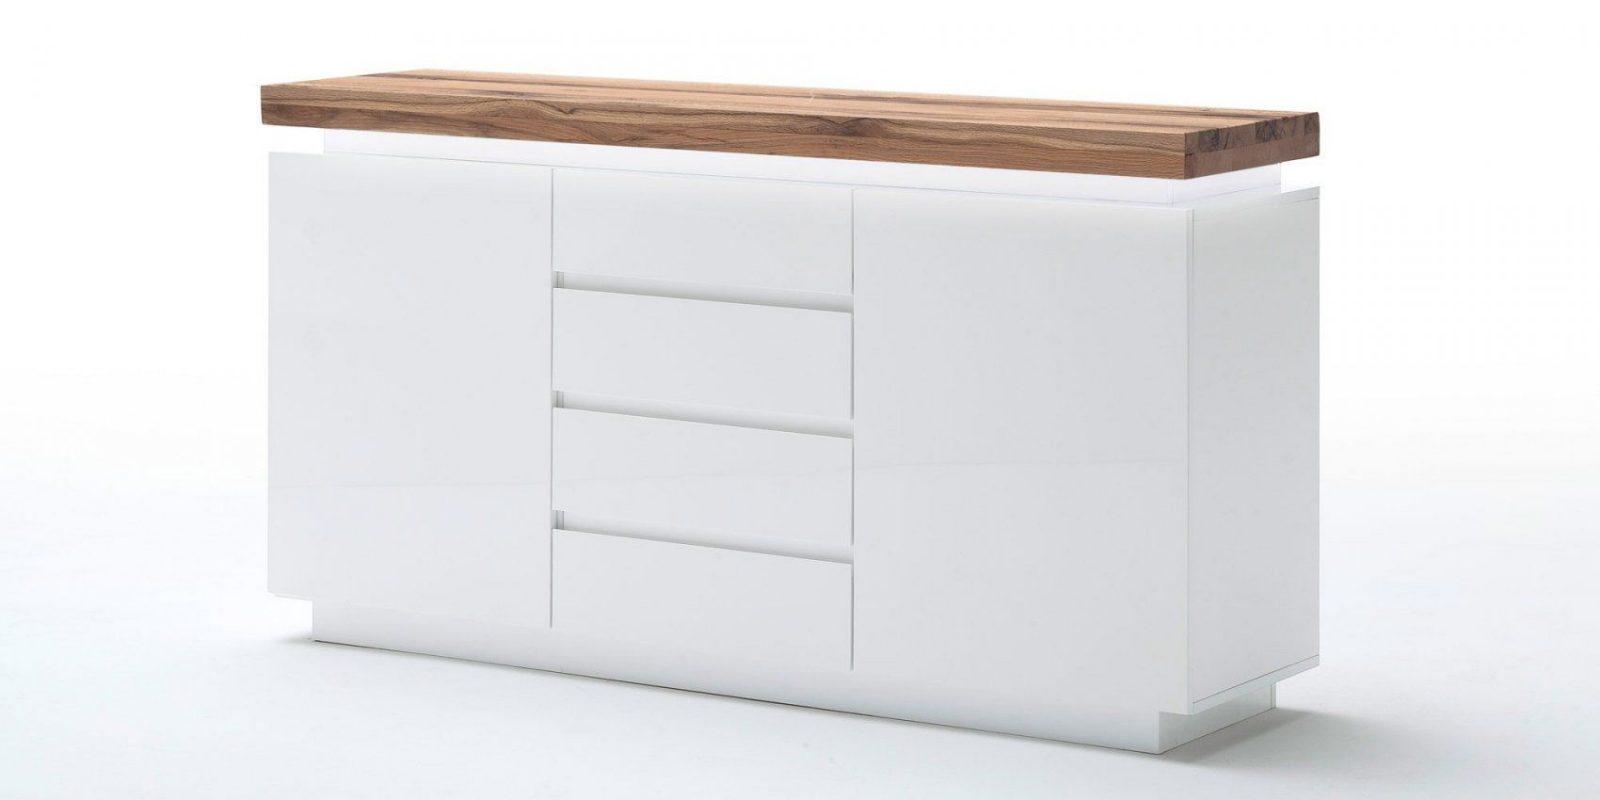 40 Einzigartig Modelle Betreffend Kommode Weiß 120 Breit  Beste von Kommode Weiß 120 Breit Bild